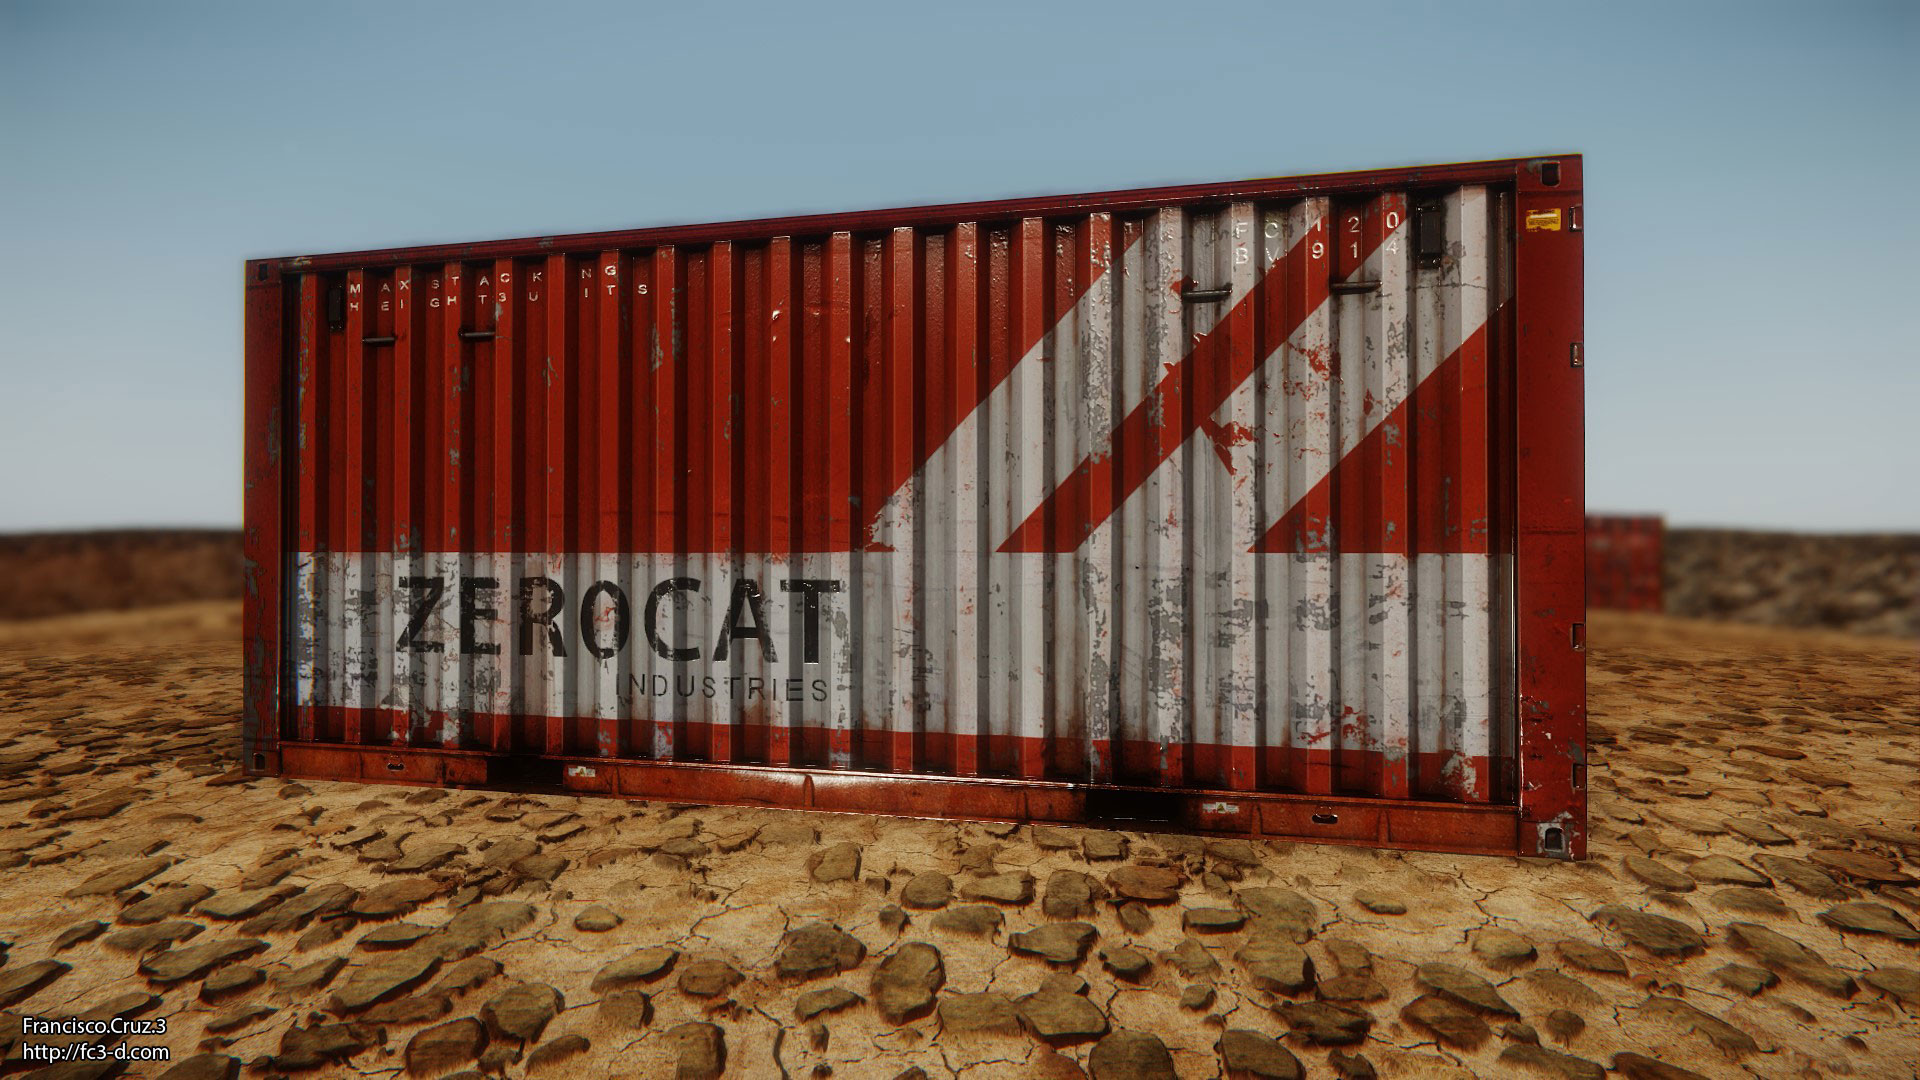 Francisco cruz fc3 container 01